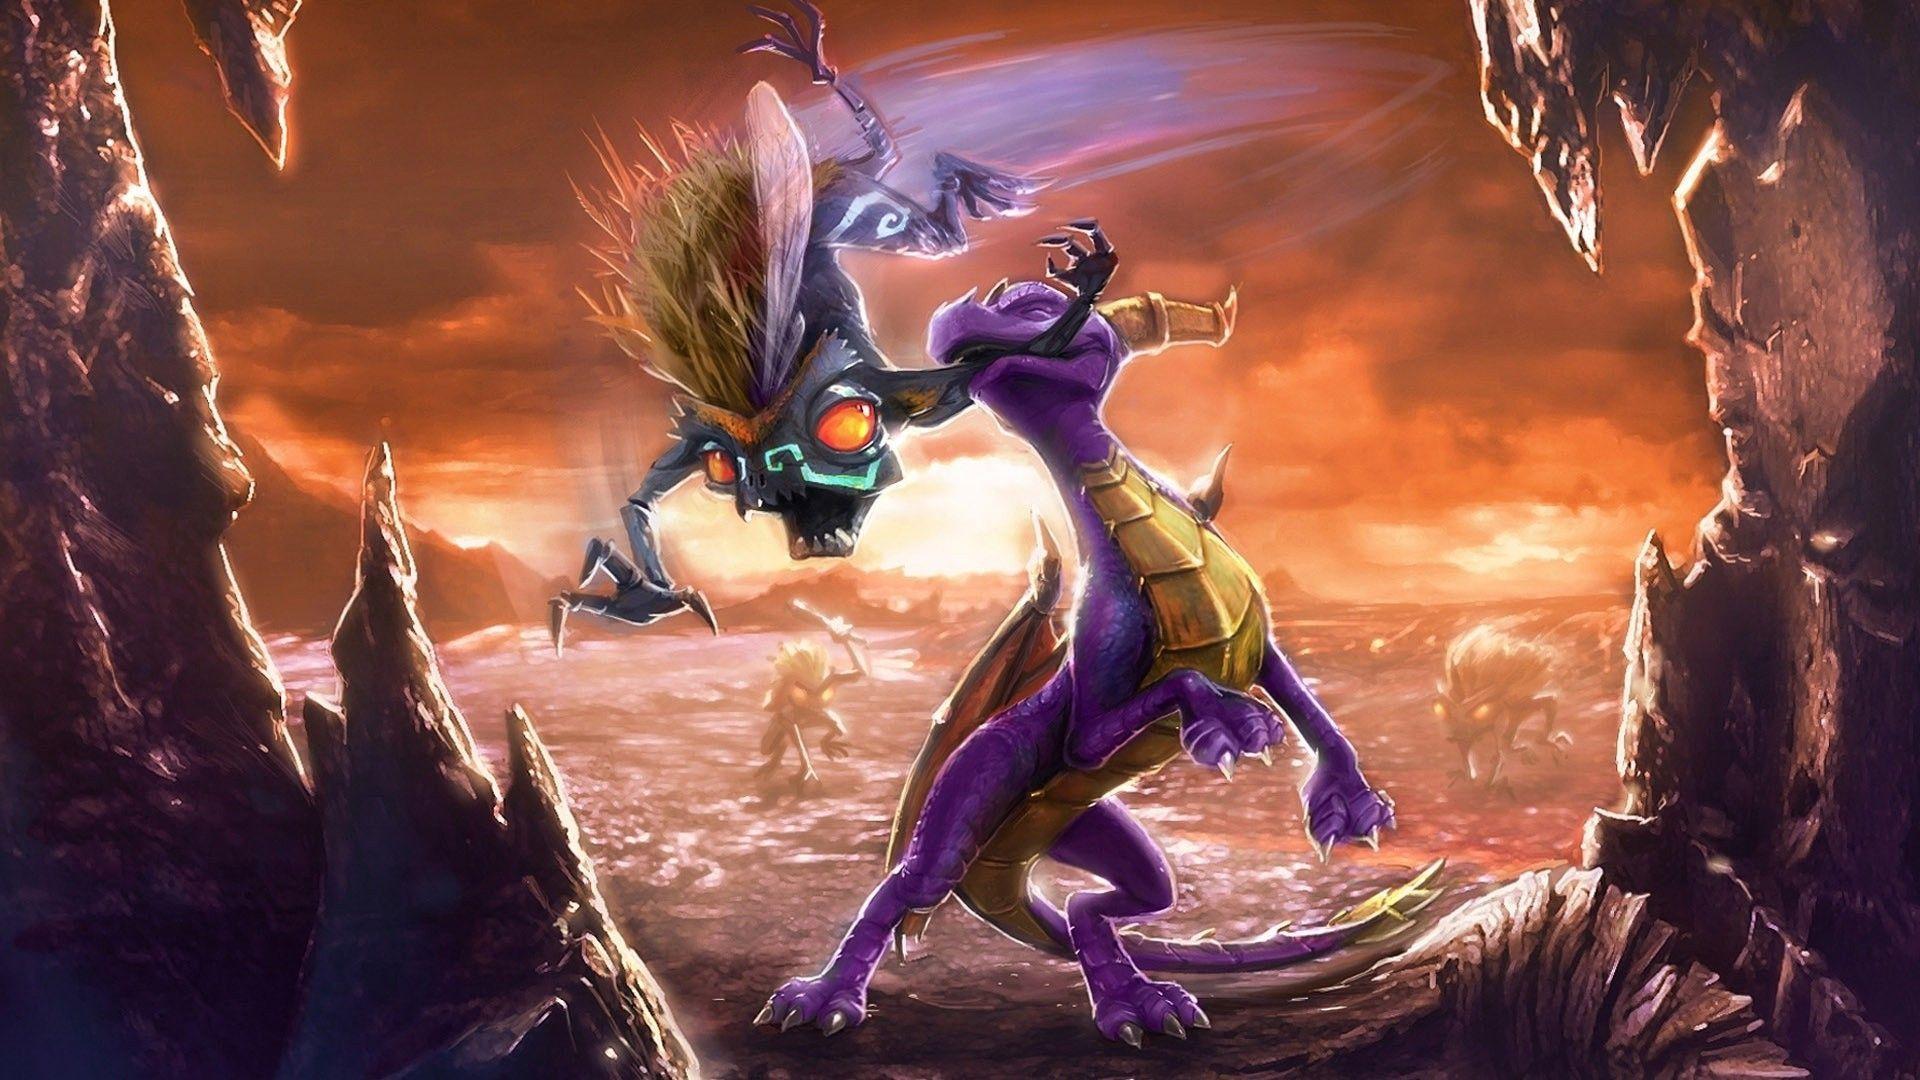 Uki 83 The Legend Of Spyro Wallpaper The Legend Of Spyro Hd